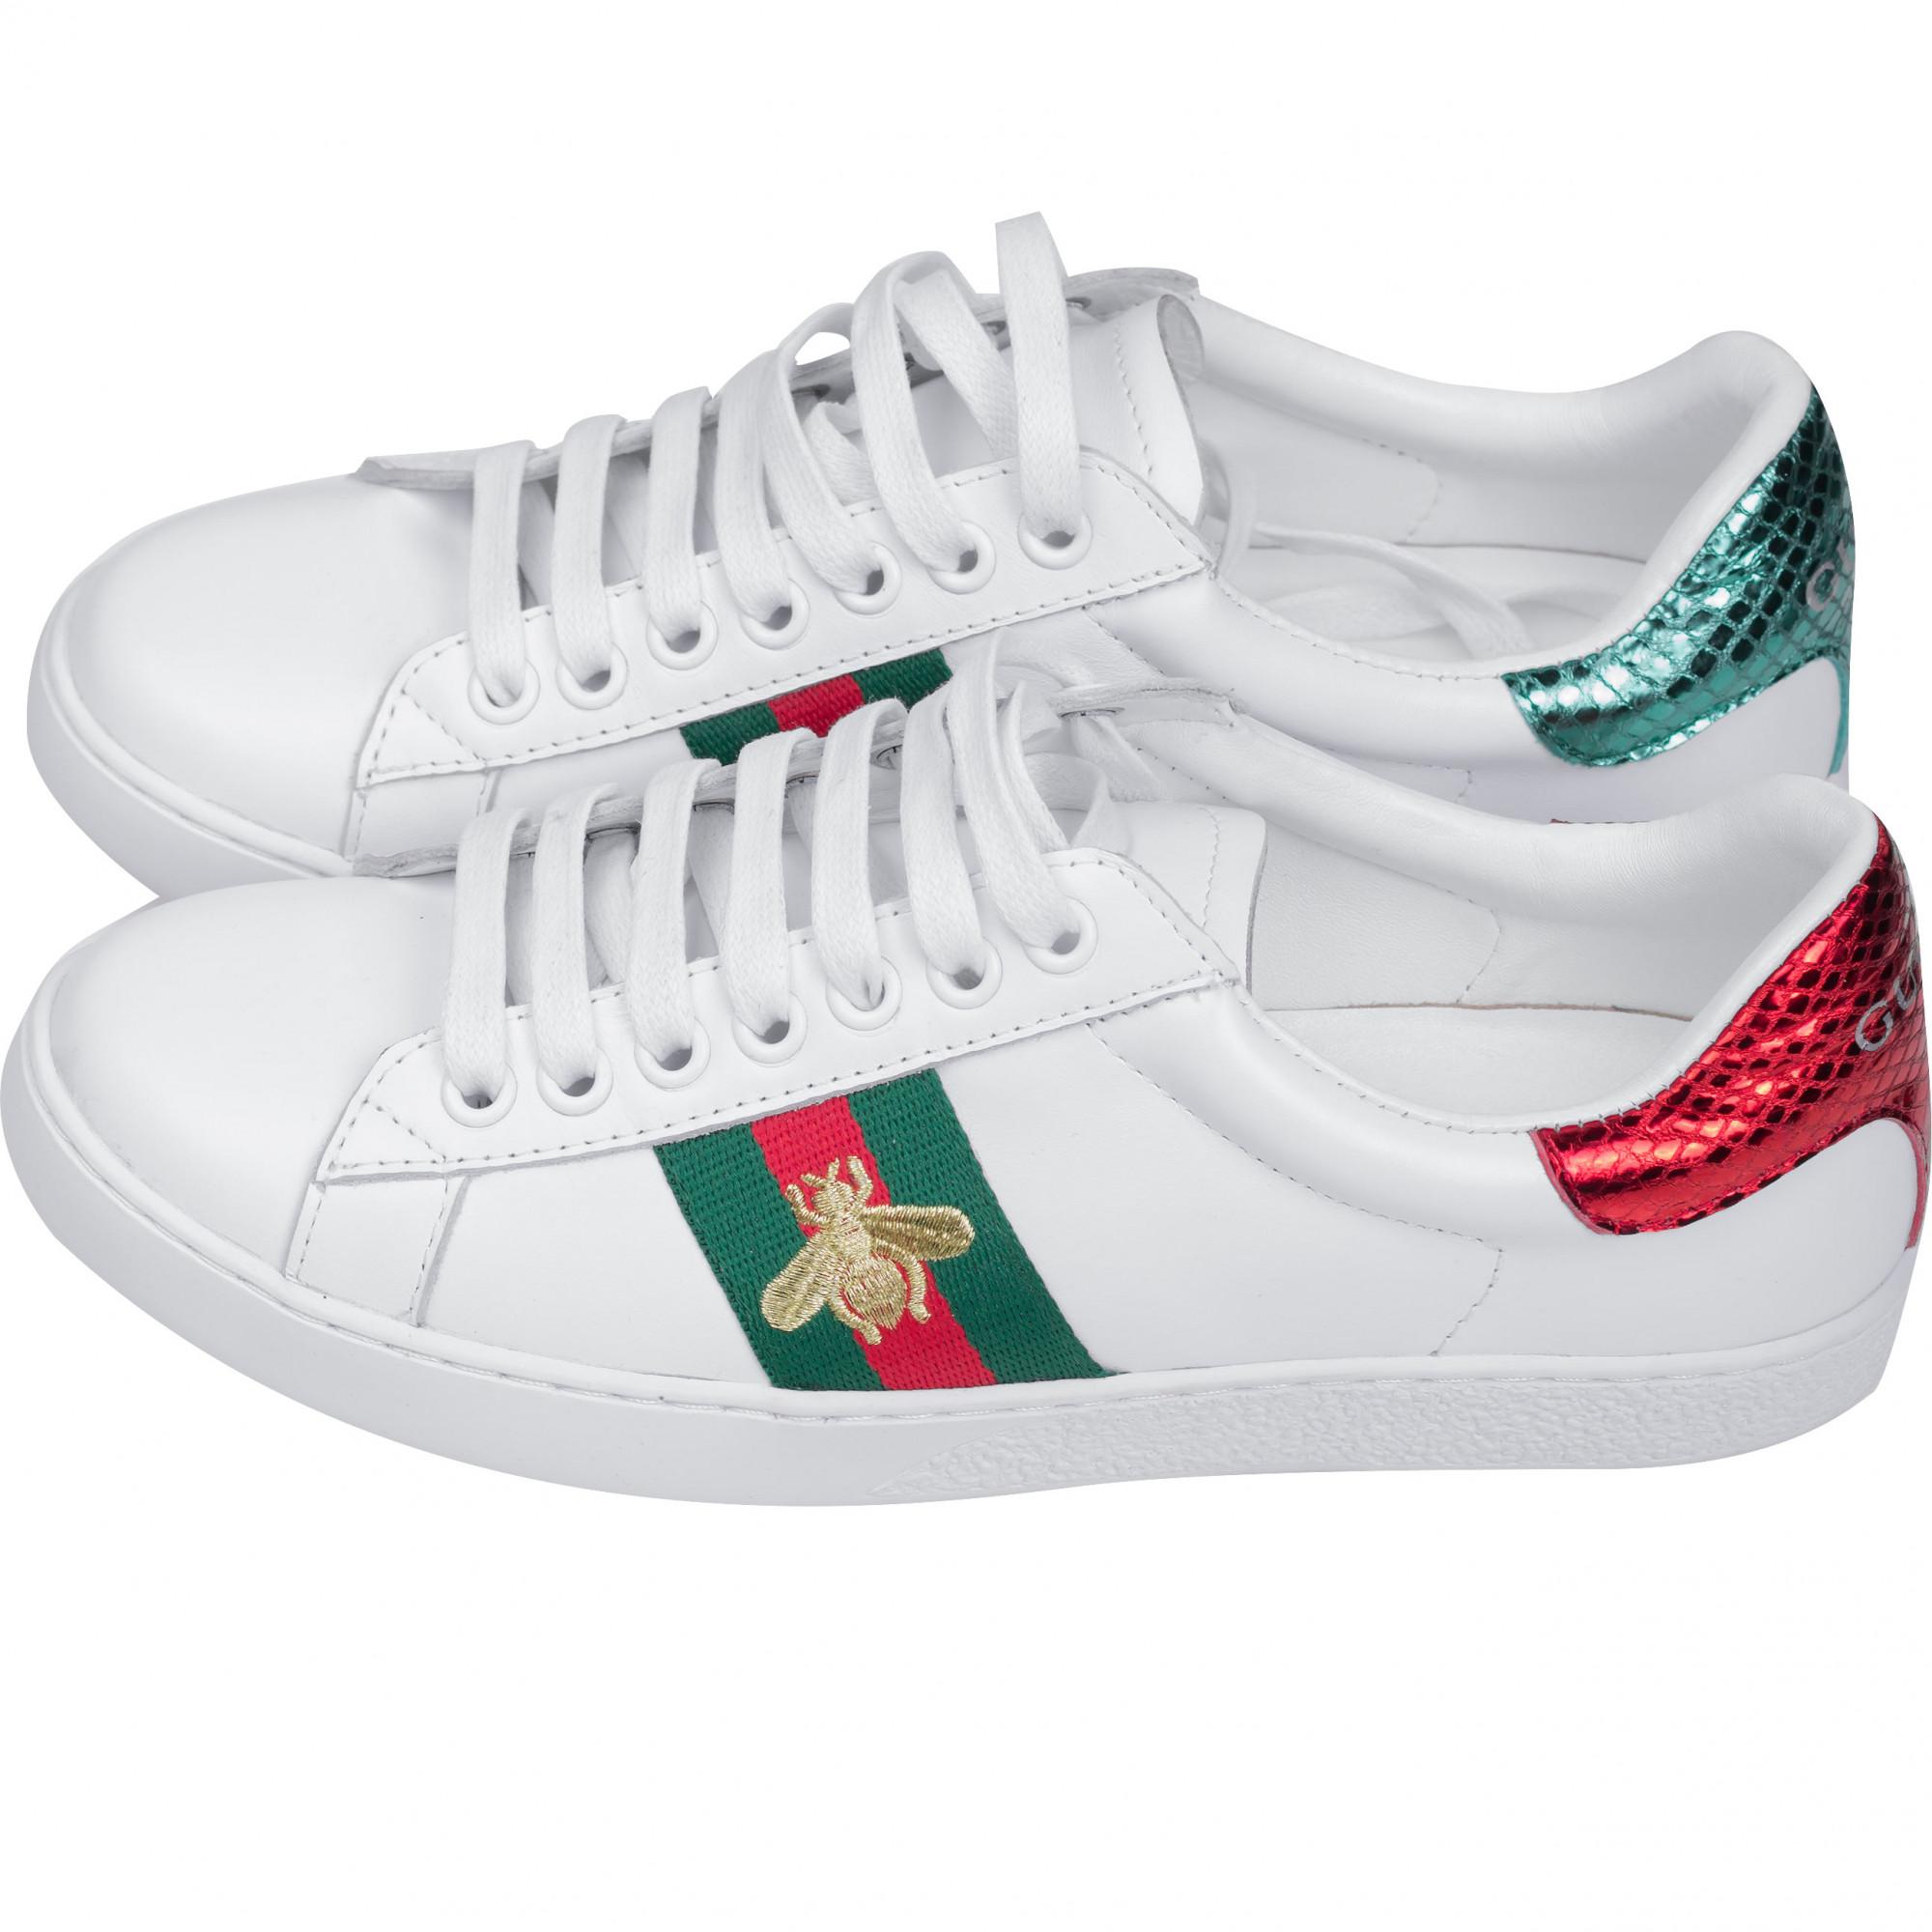 Купить женские кроссовки Gucci белого цвета — в Киеве, код товара 27998 37585cadca0